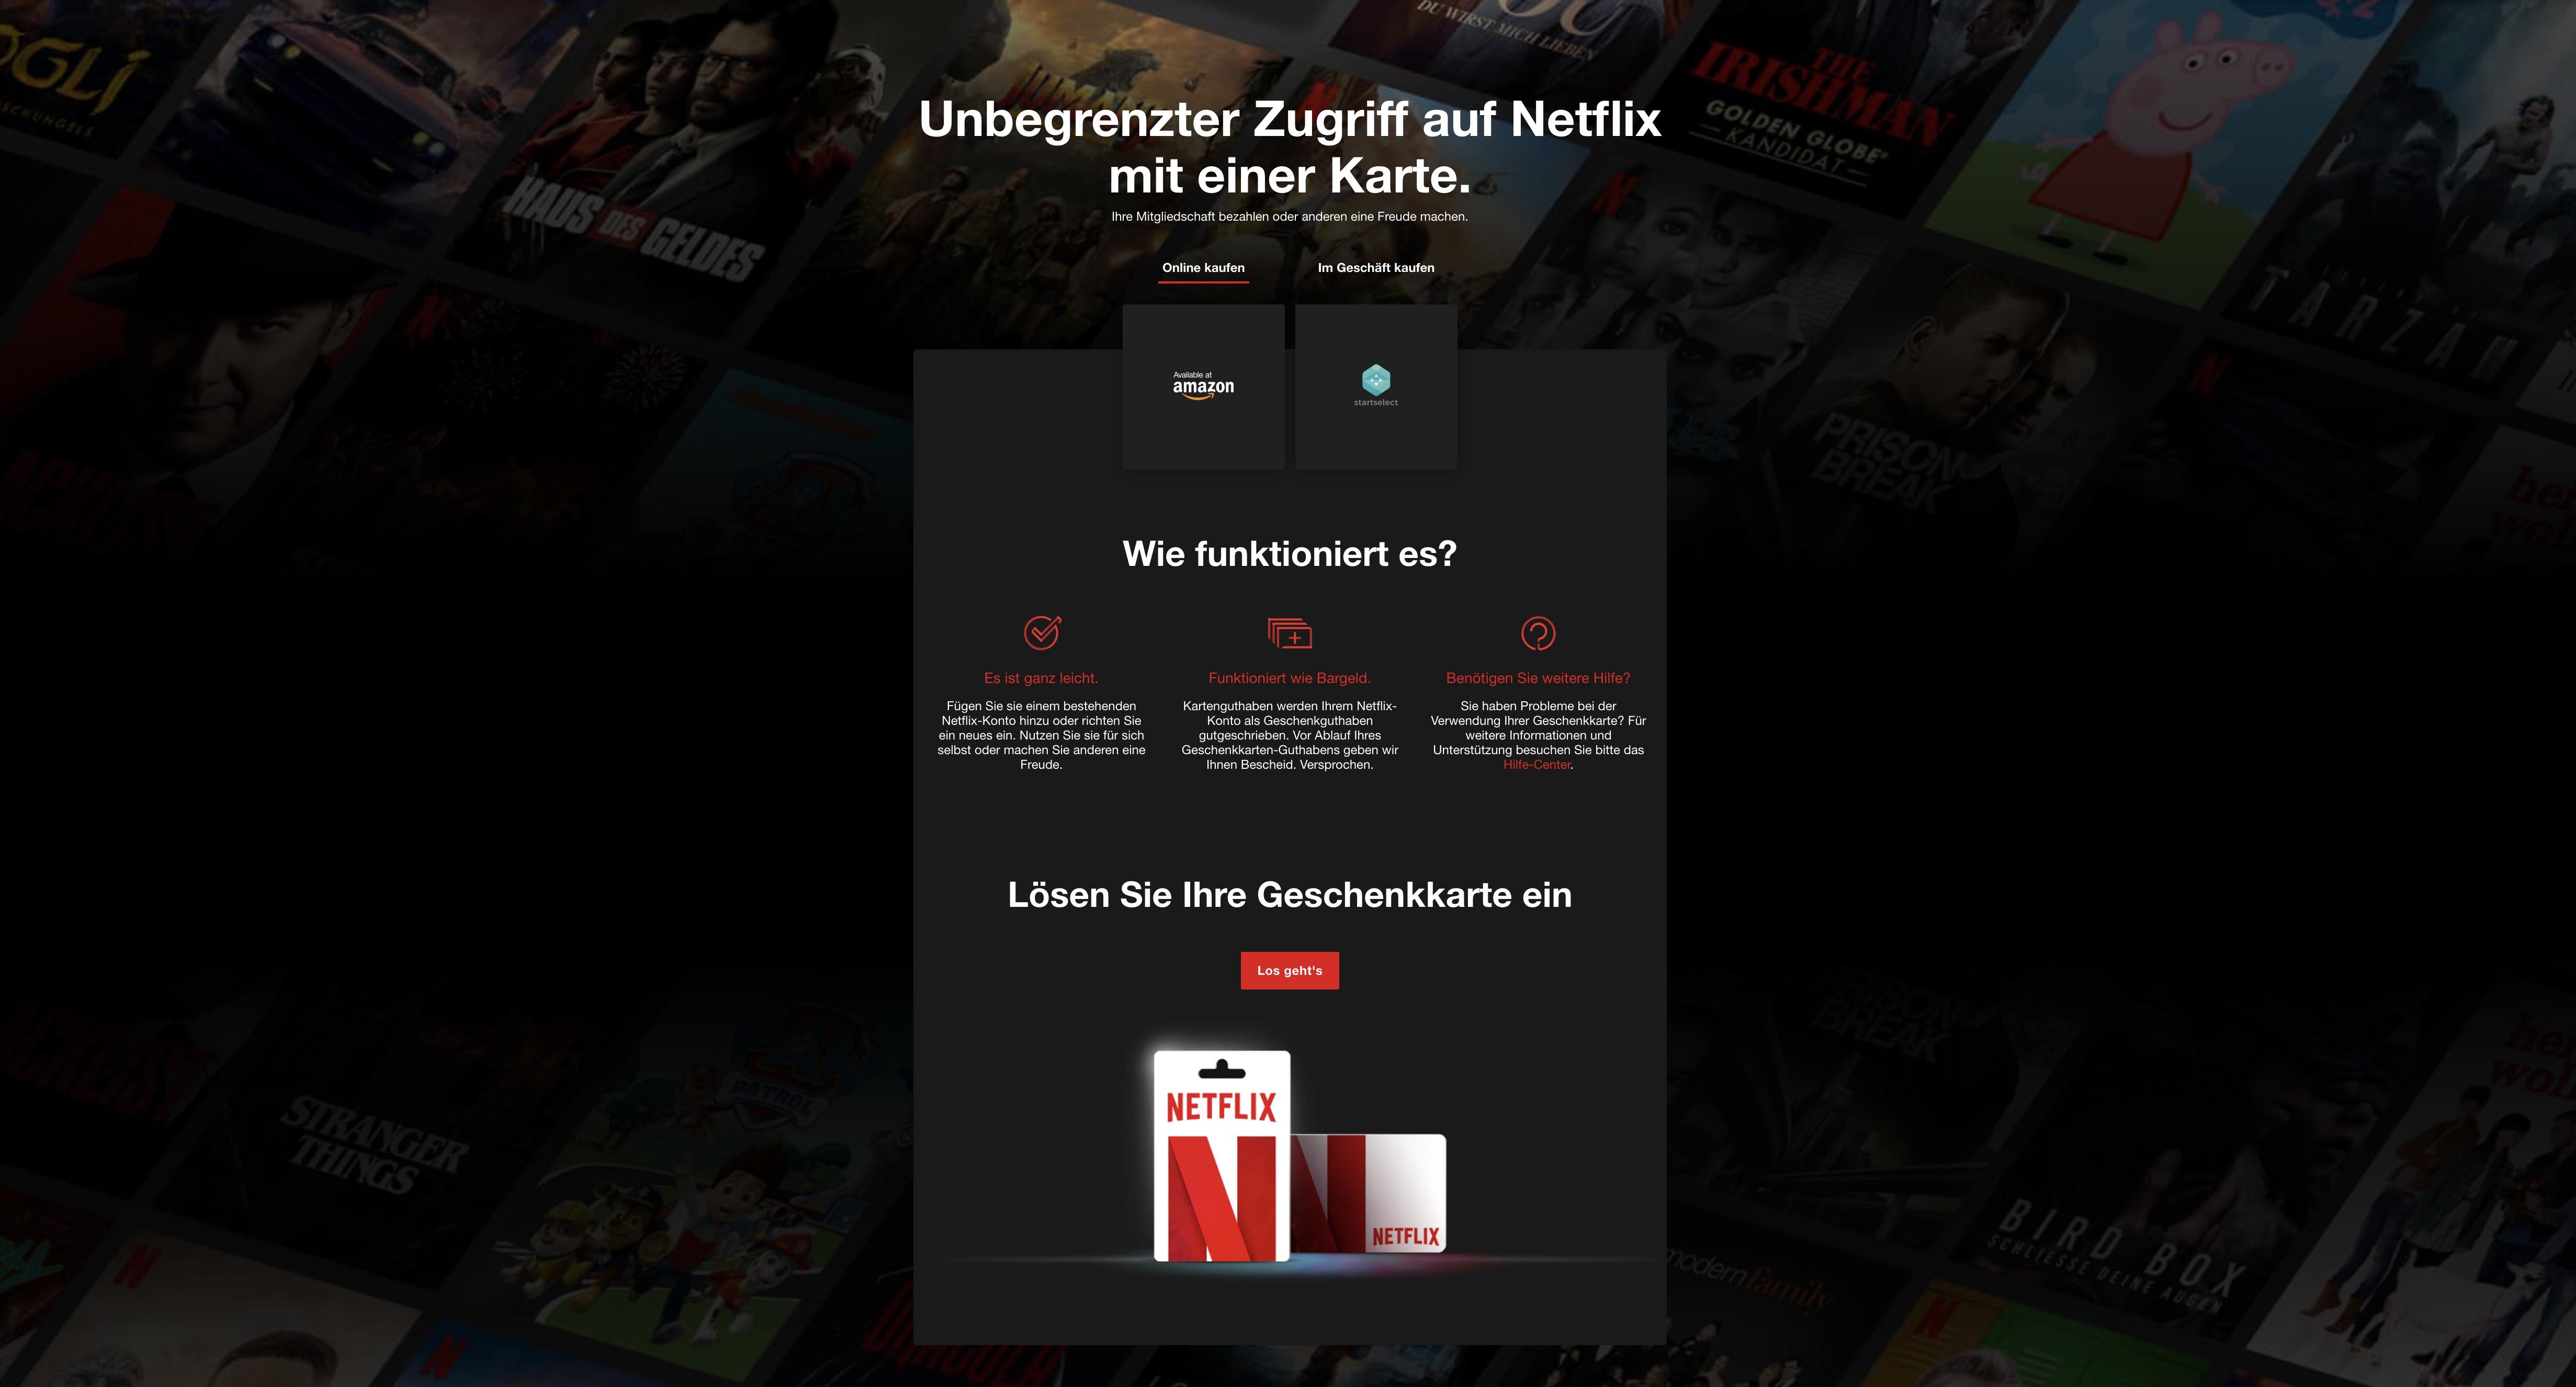 www netflix einlösen